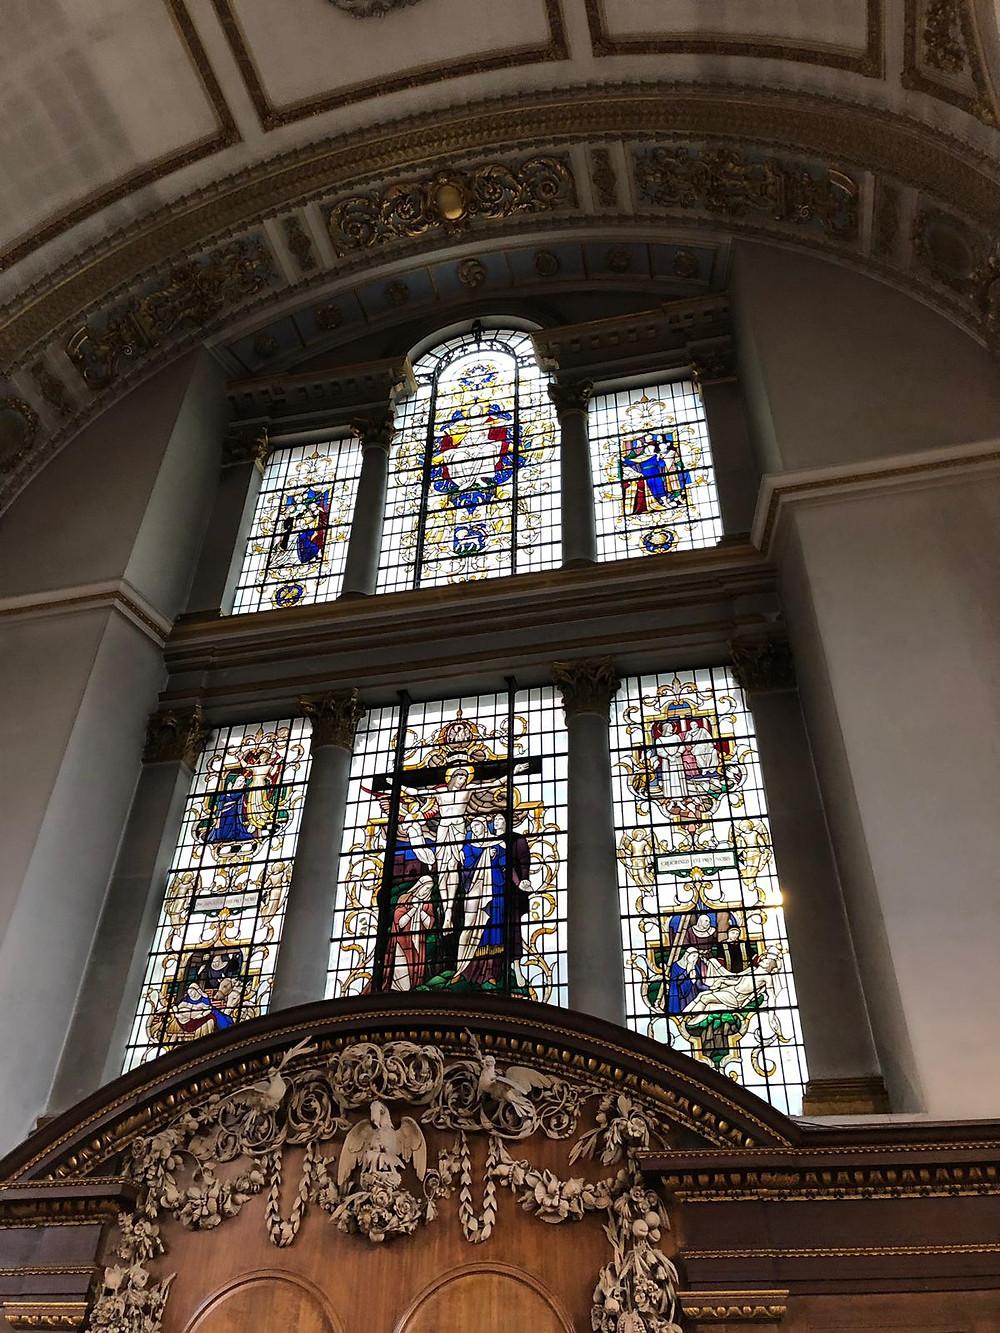 imagen del hermoso vitral de la iglesia y del retablo de G. Gibbons